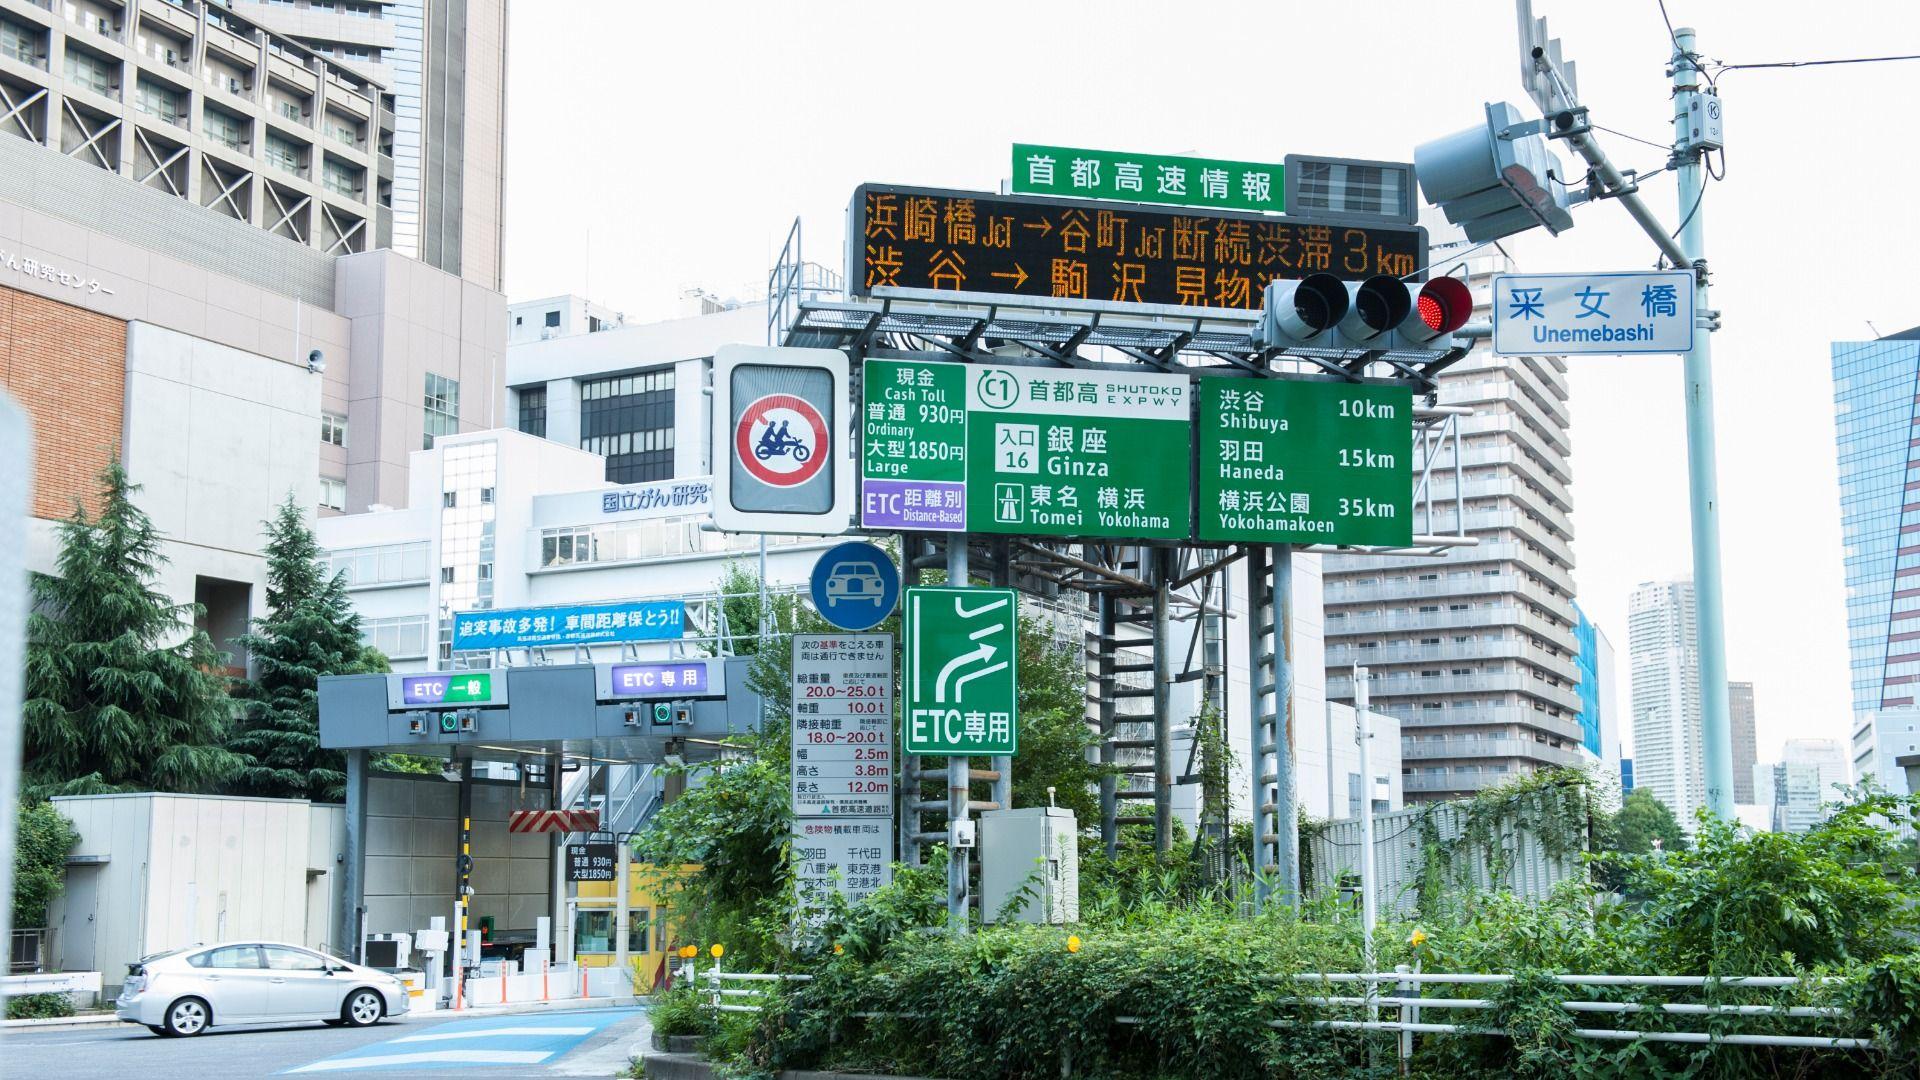 五輪期間中の首都高速、通行料金一律1000円アップは必要か?コロナ禍の移動スタイルに対応する必要性(鳥海高太朗) - 個人 - Yahoo!ニュース